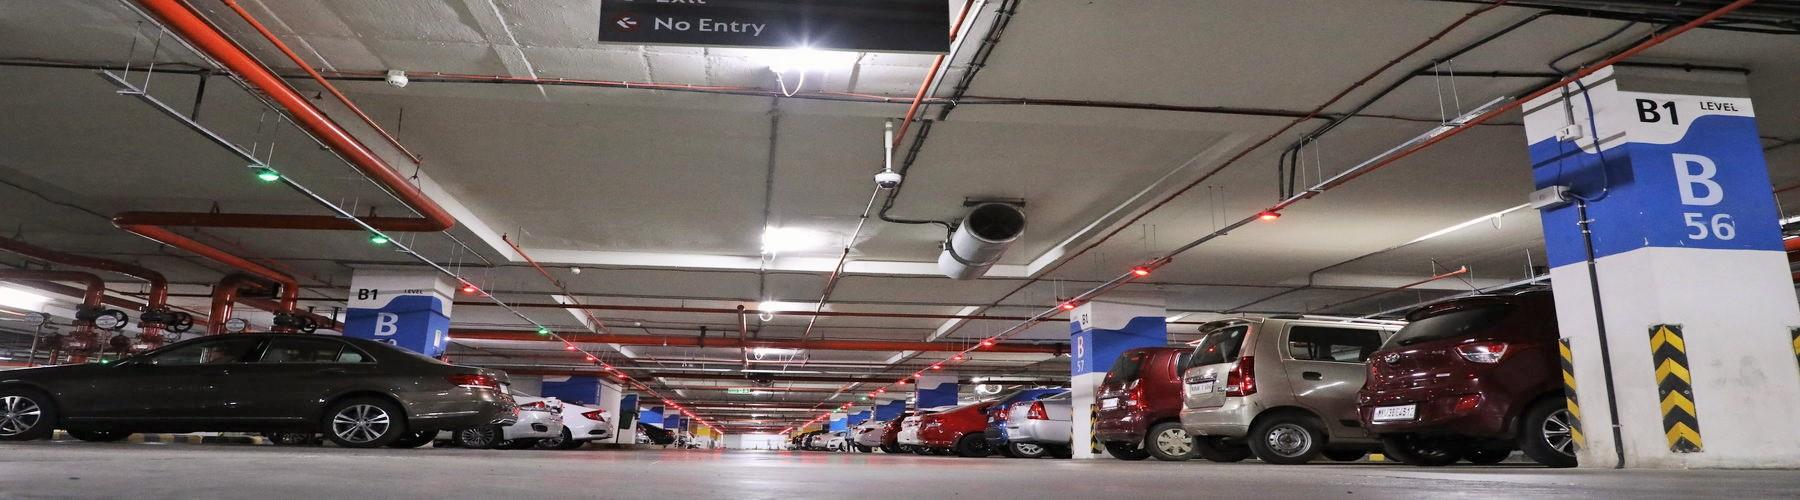 Car Parking Design, Traffic Management, Parking logo Banner